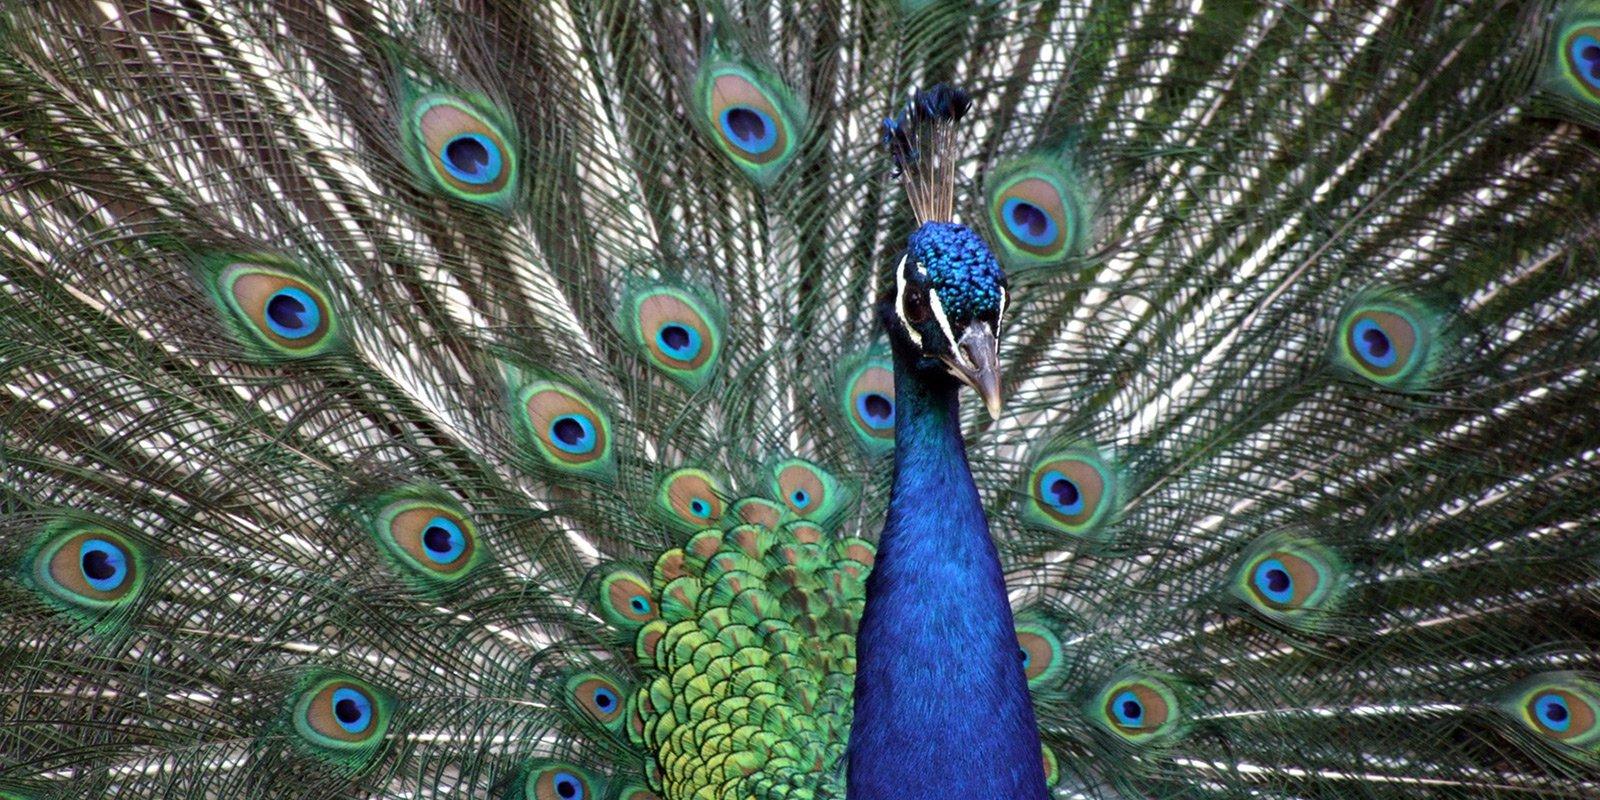 Особливе місце в заповіднику займає орнітопарк з більш ніж шістдесятьма різновидами птахів — лебедями, фазанами, качками, лелеками, страусами — африканськими, південноамериканськихми нанду і австралійськими ему.